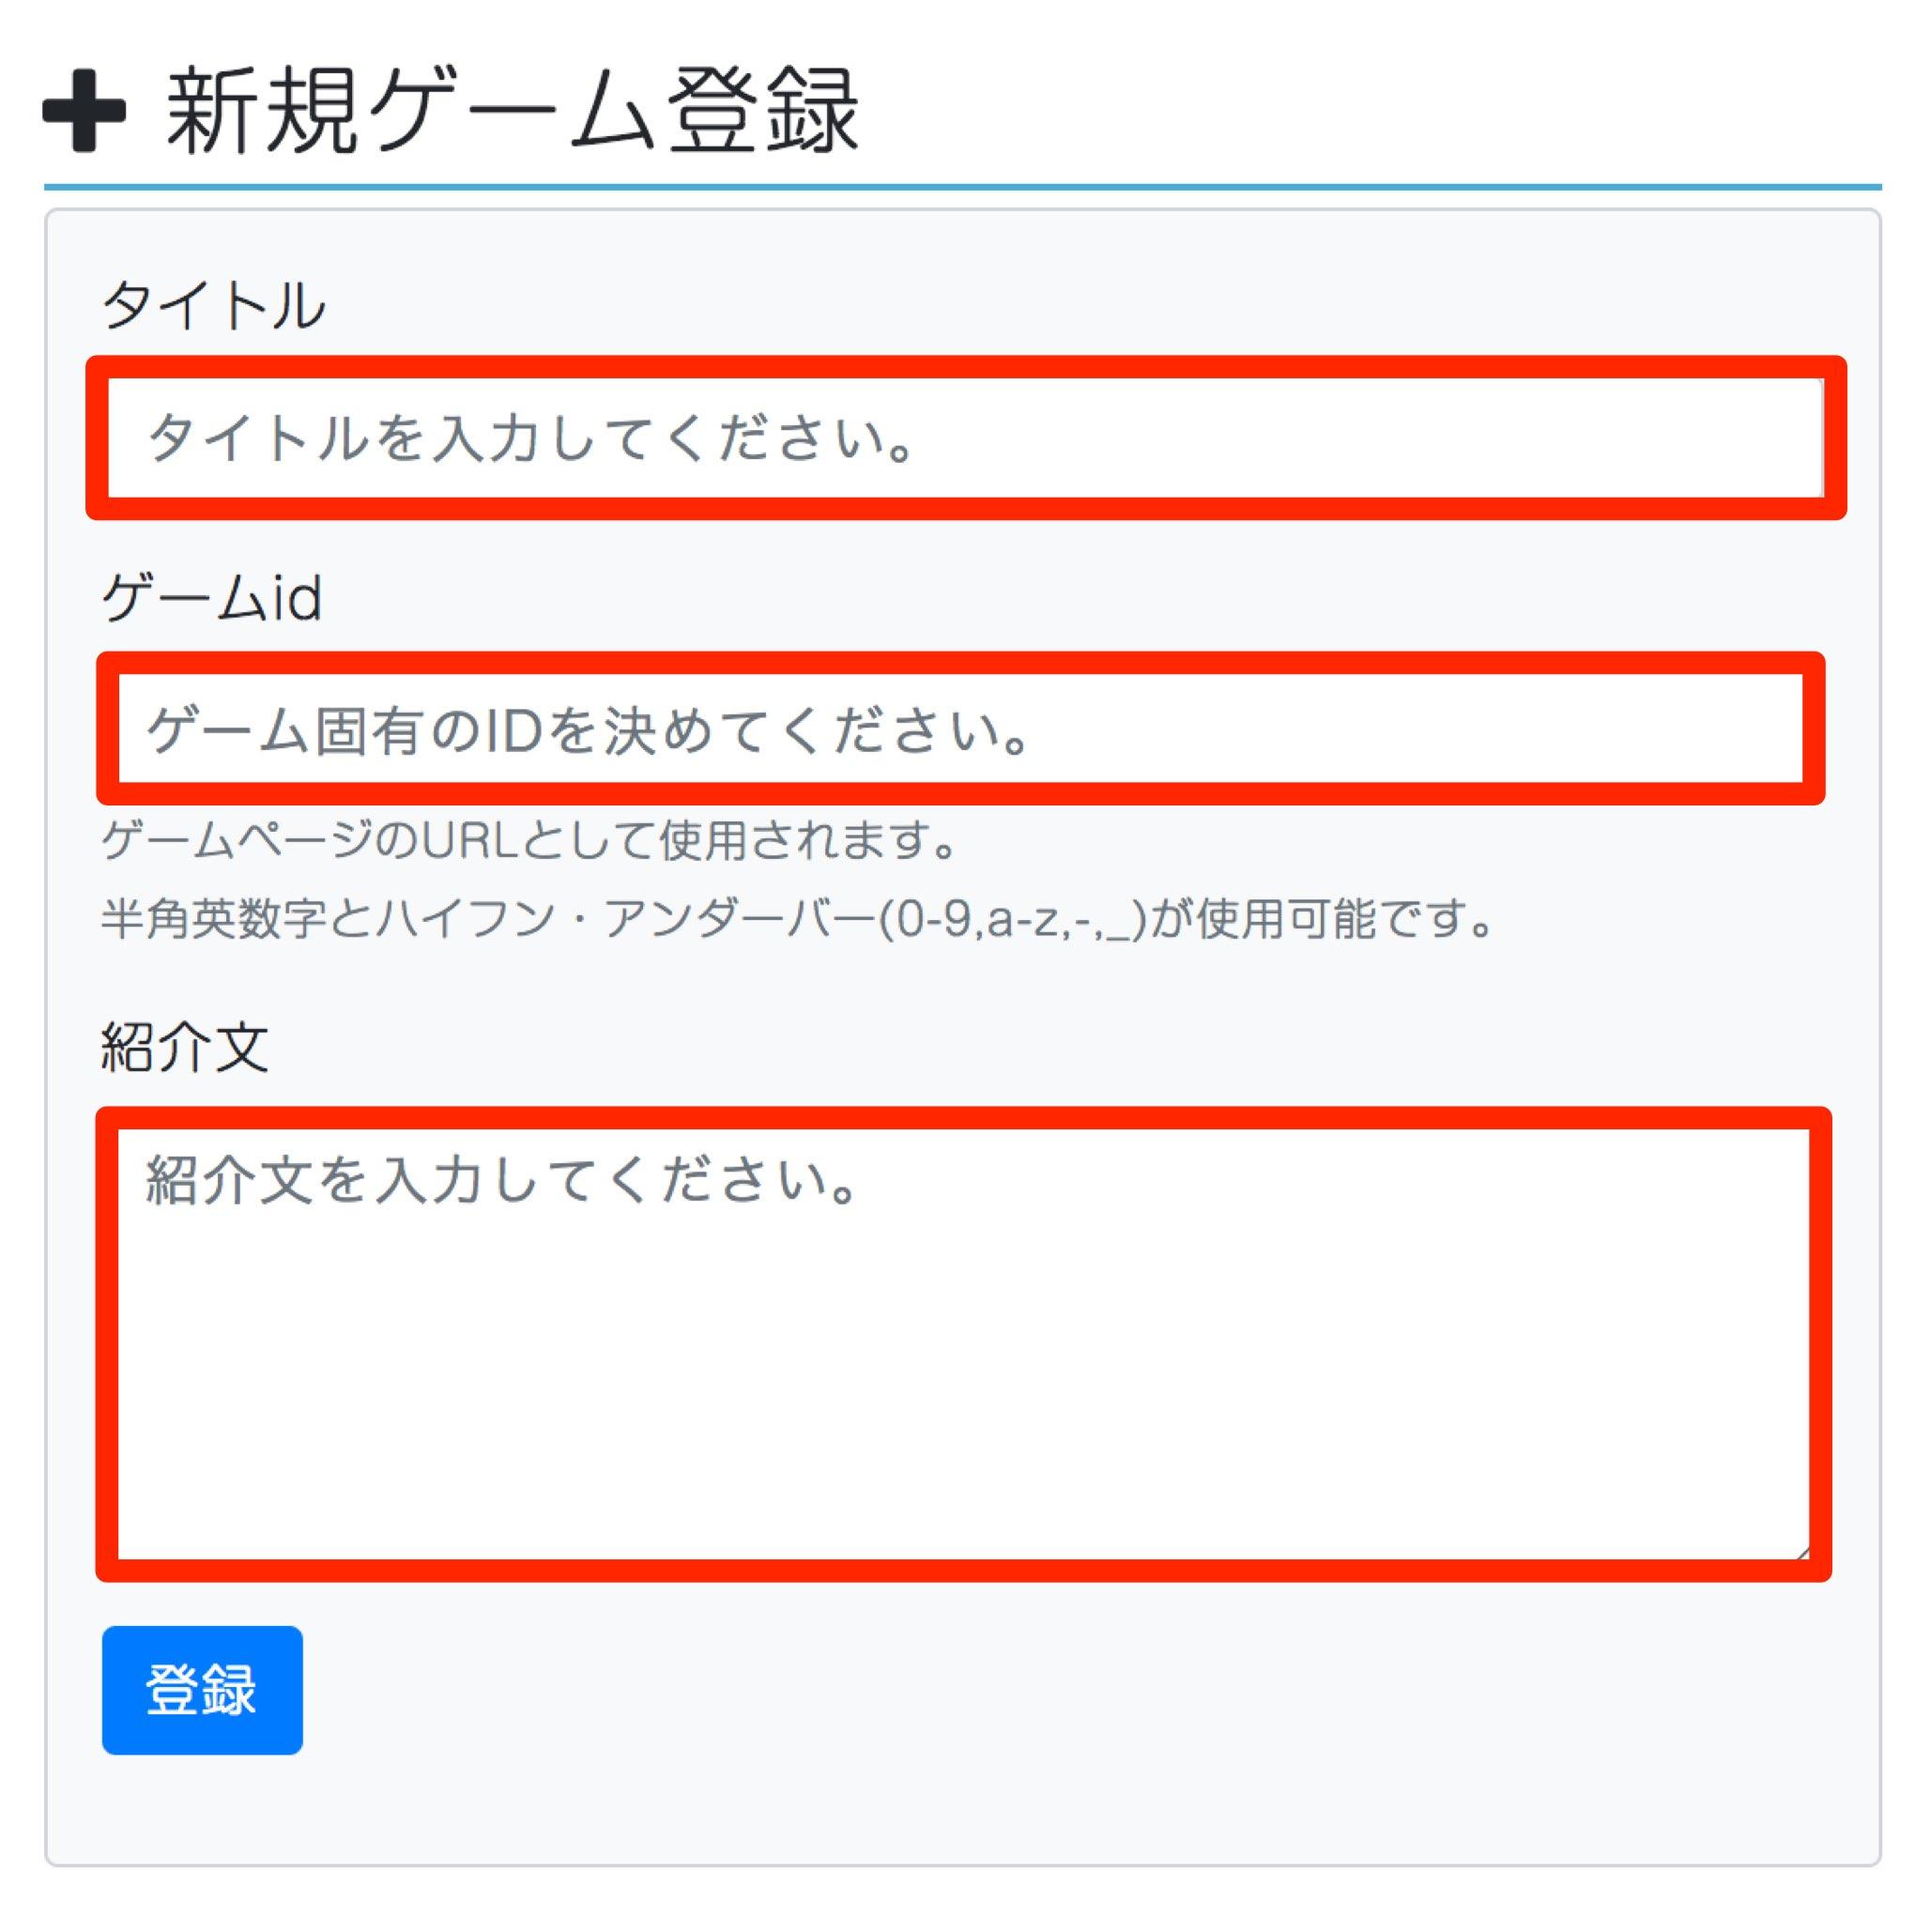 新規ゲーム登録 無料ゲーム投稿サイト unityroom - Unityのゲームをアップロードして公開しよう.jpg